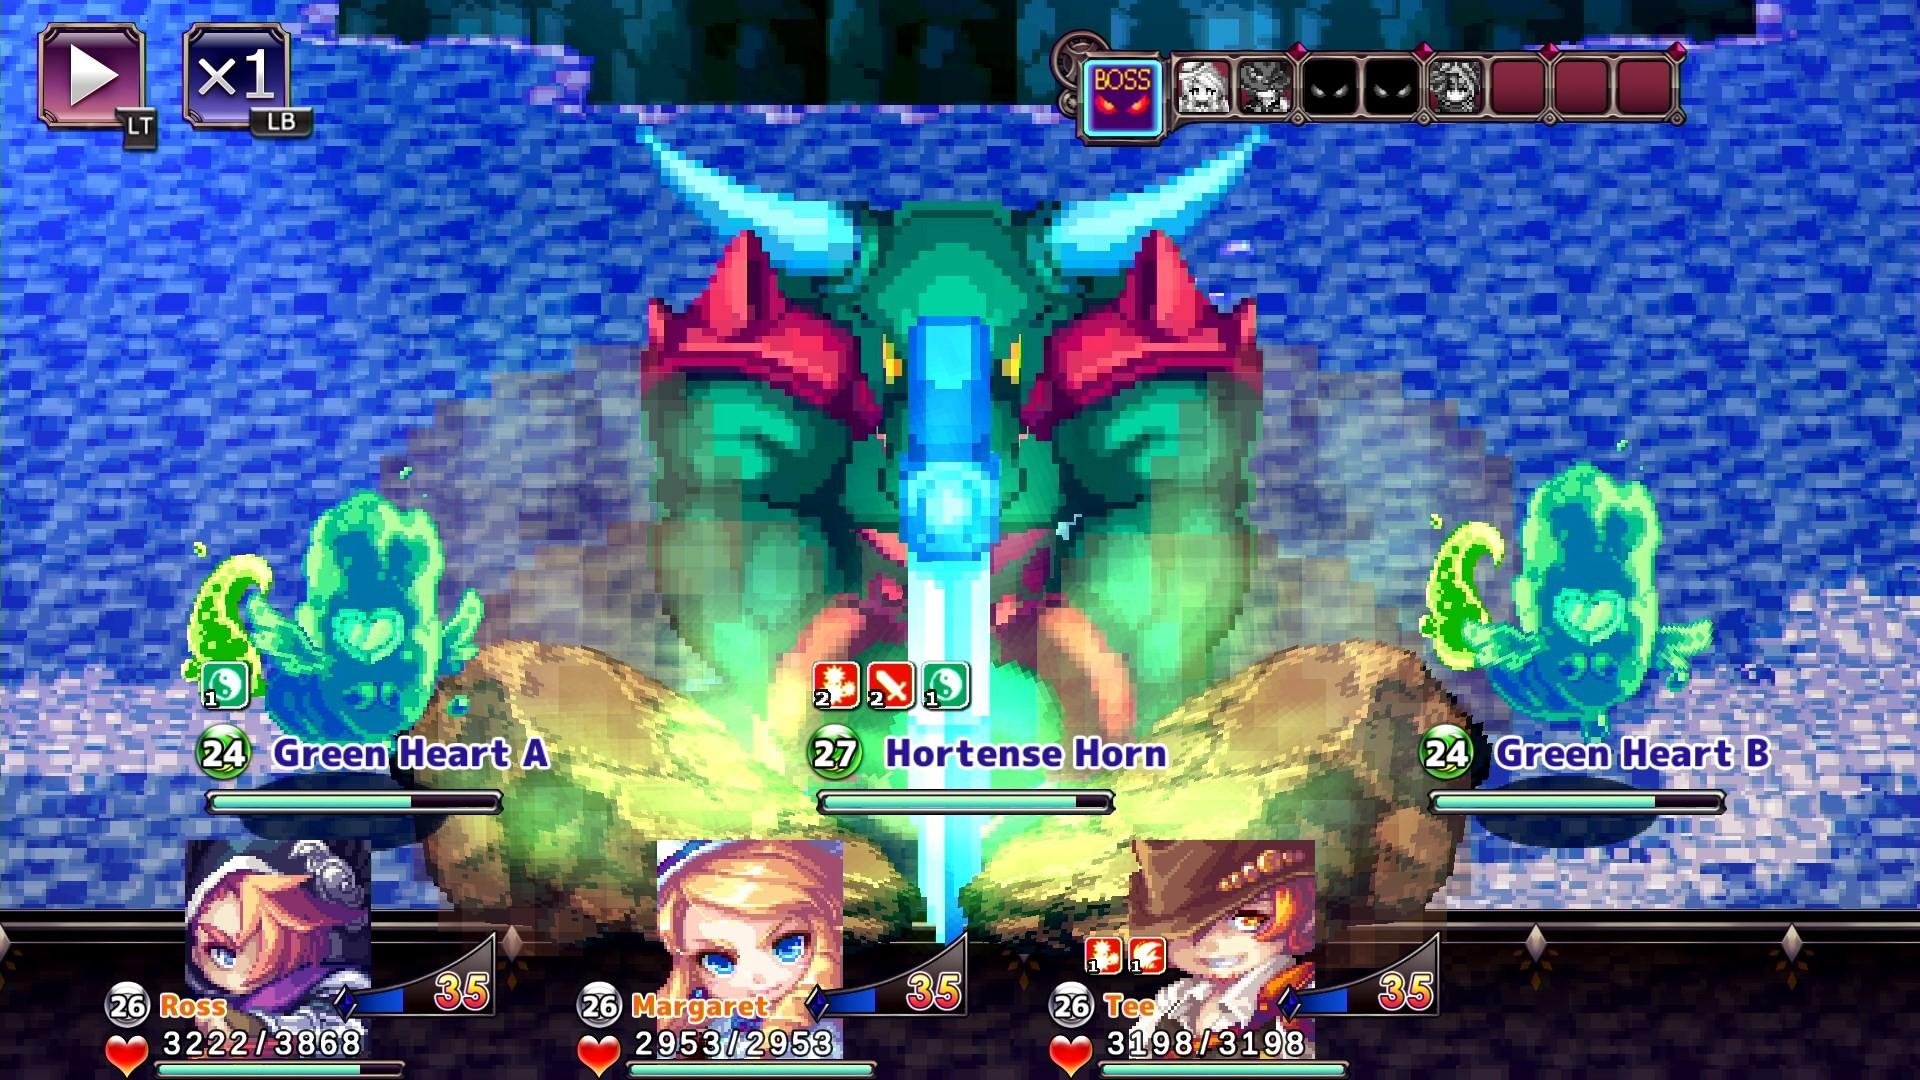 Crystal Ortha (Xbox Play Anywhere) – November 6